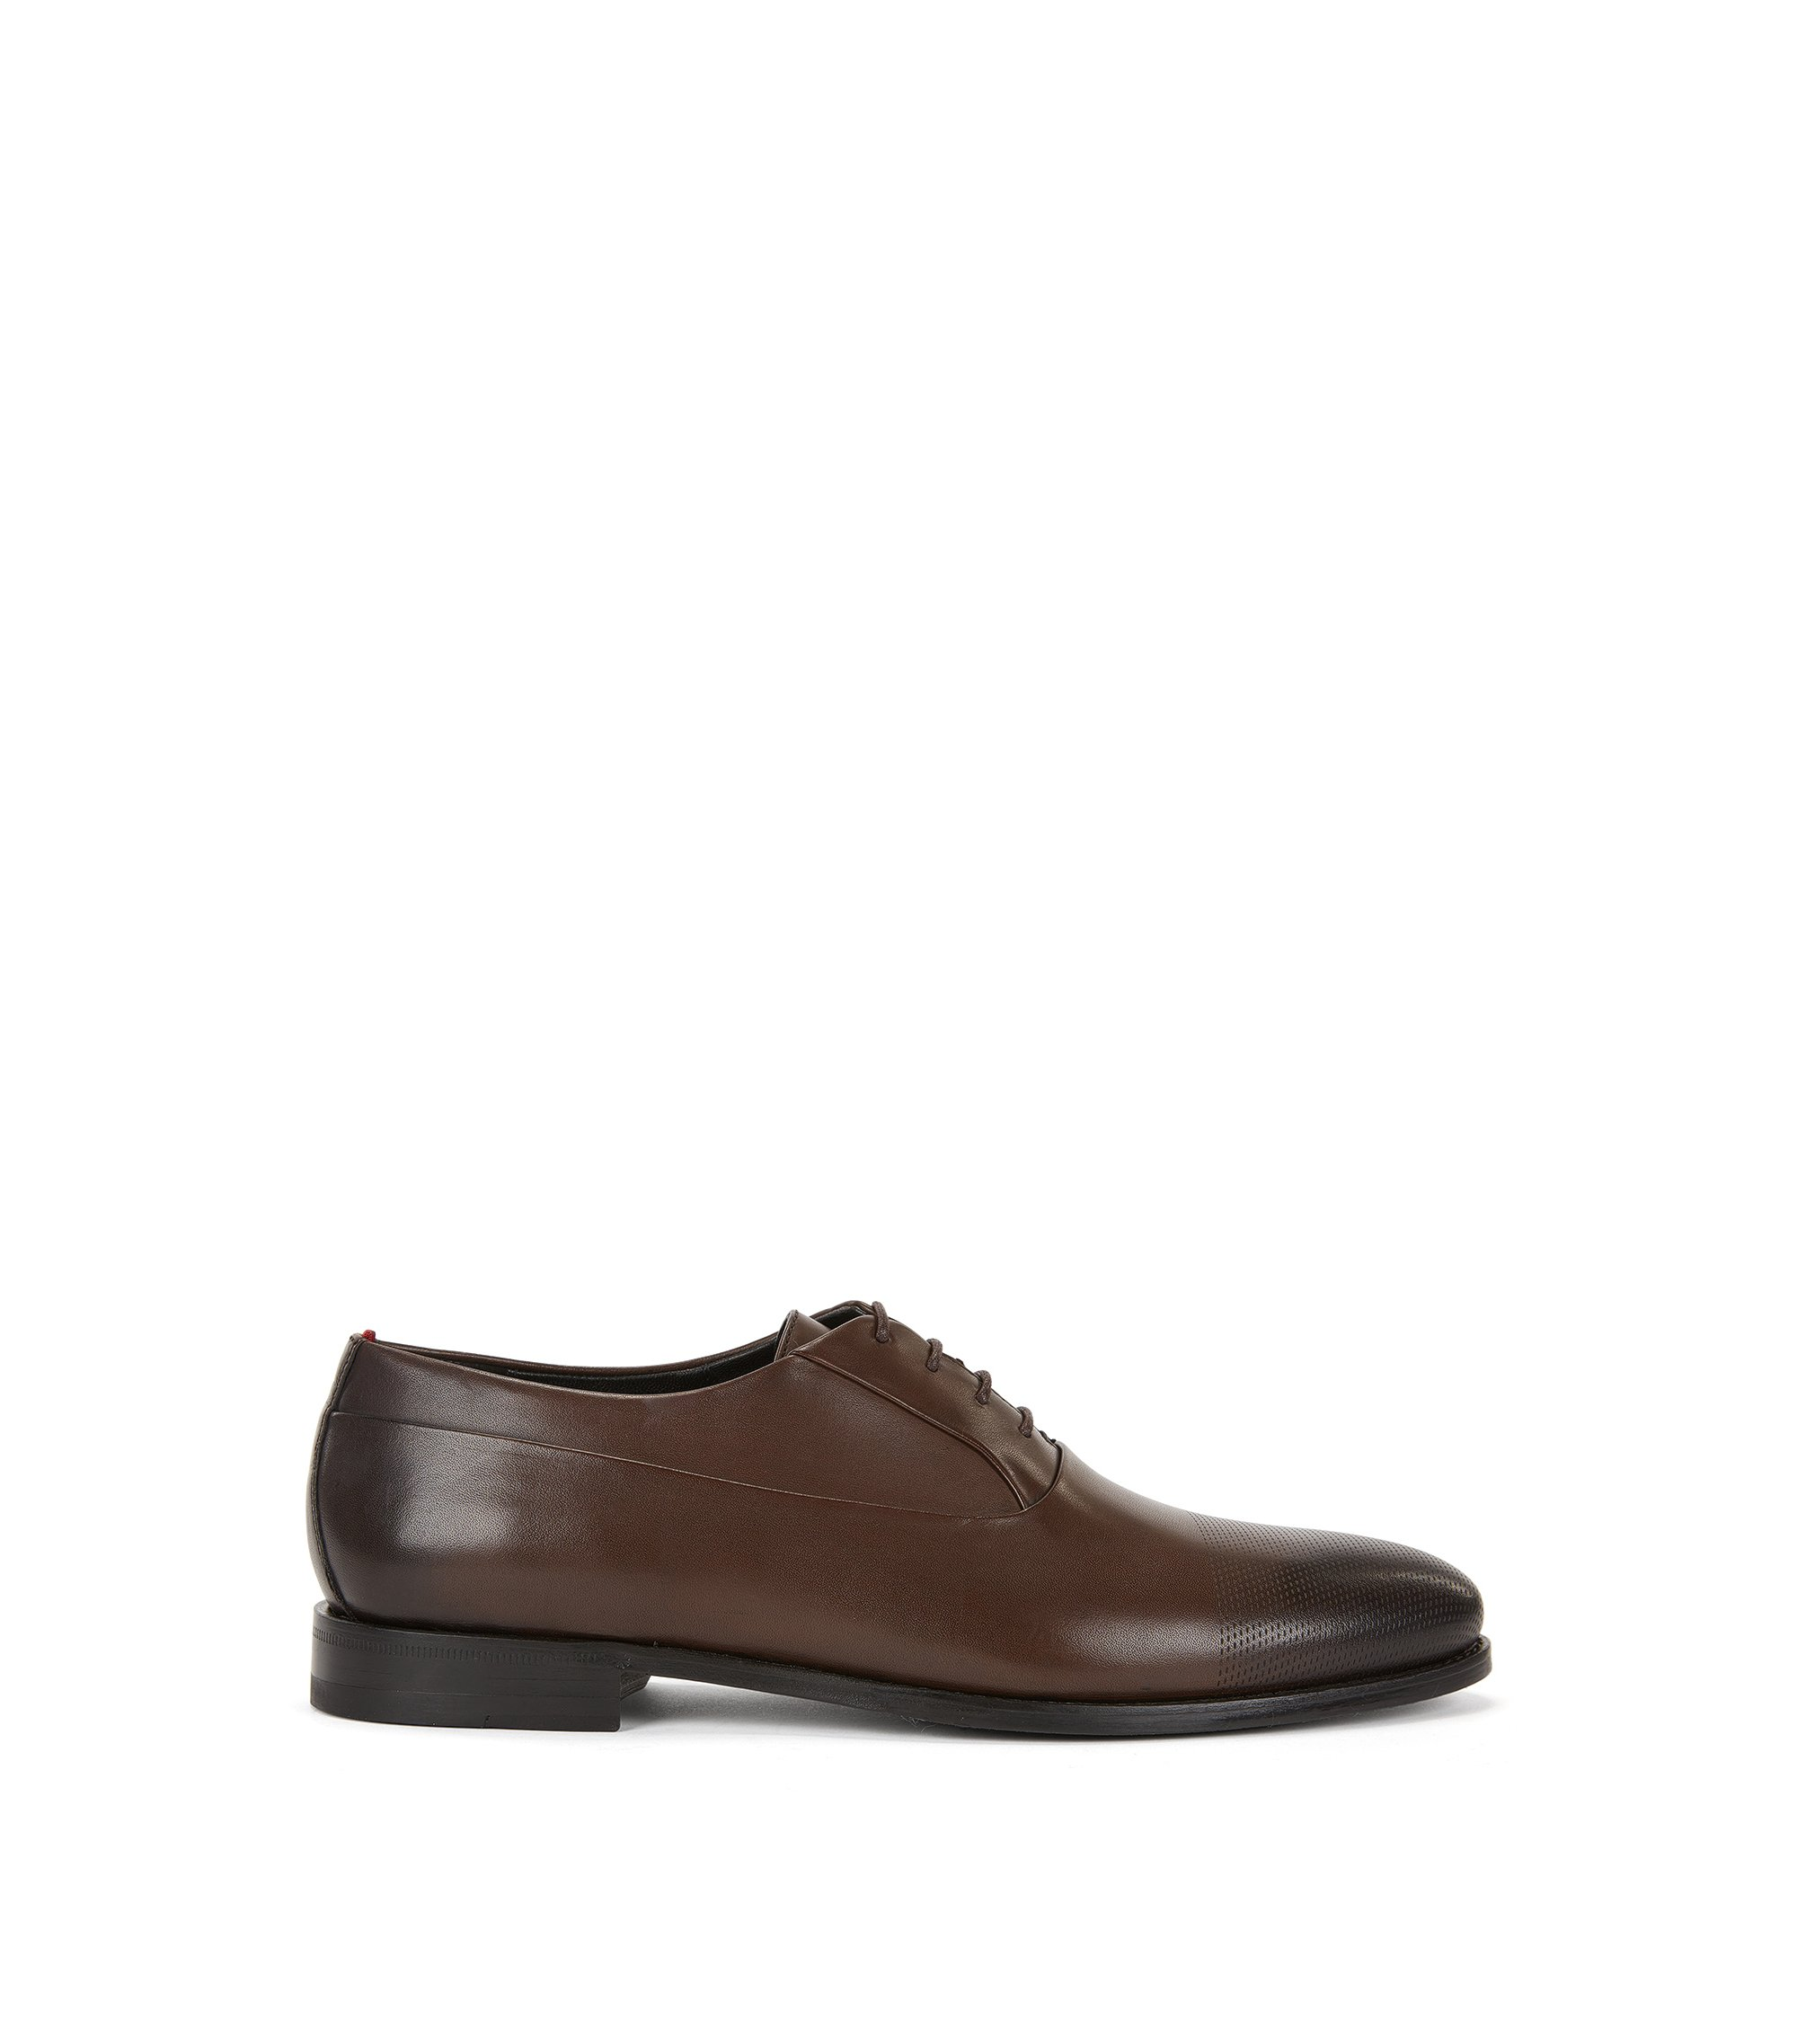 Chaussures Oxford en cuir perforé au laser, Marron foncé